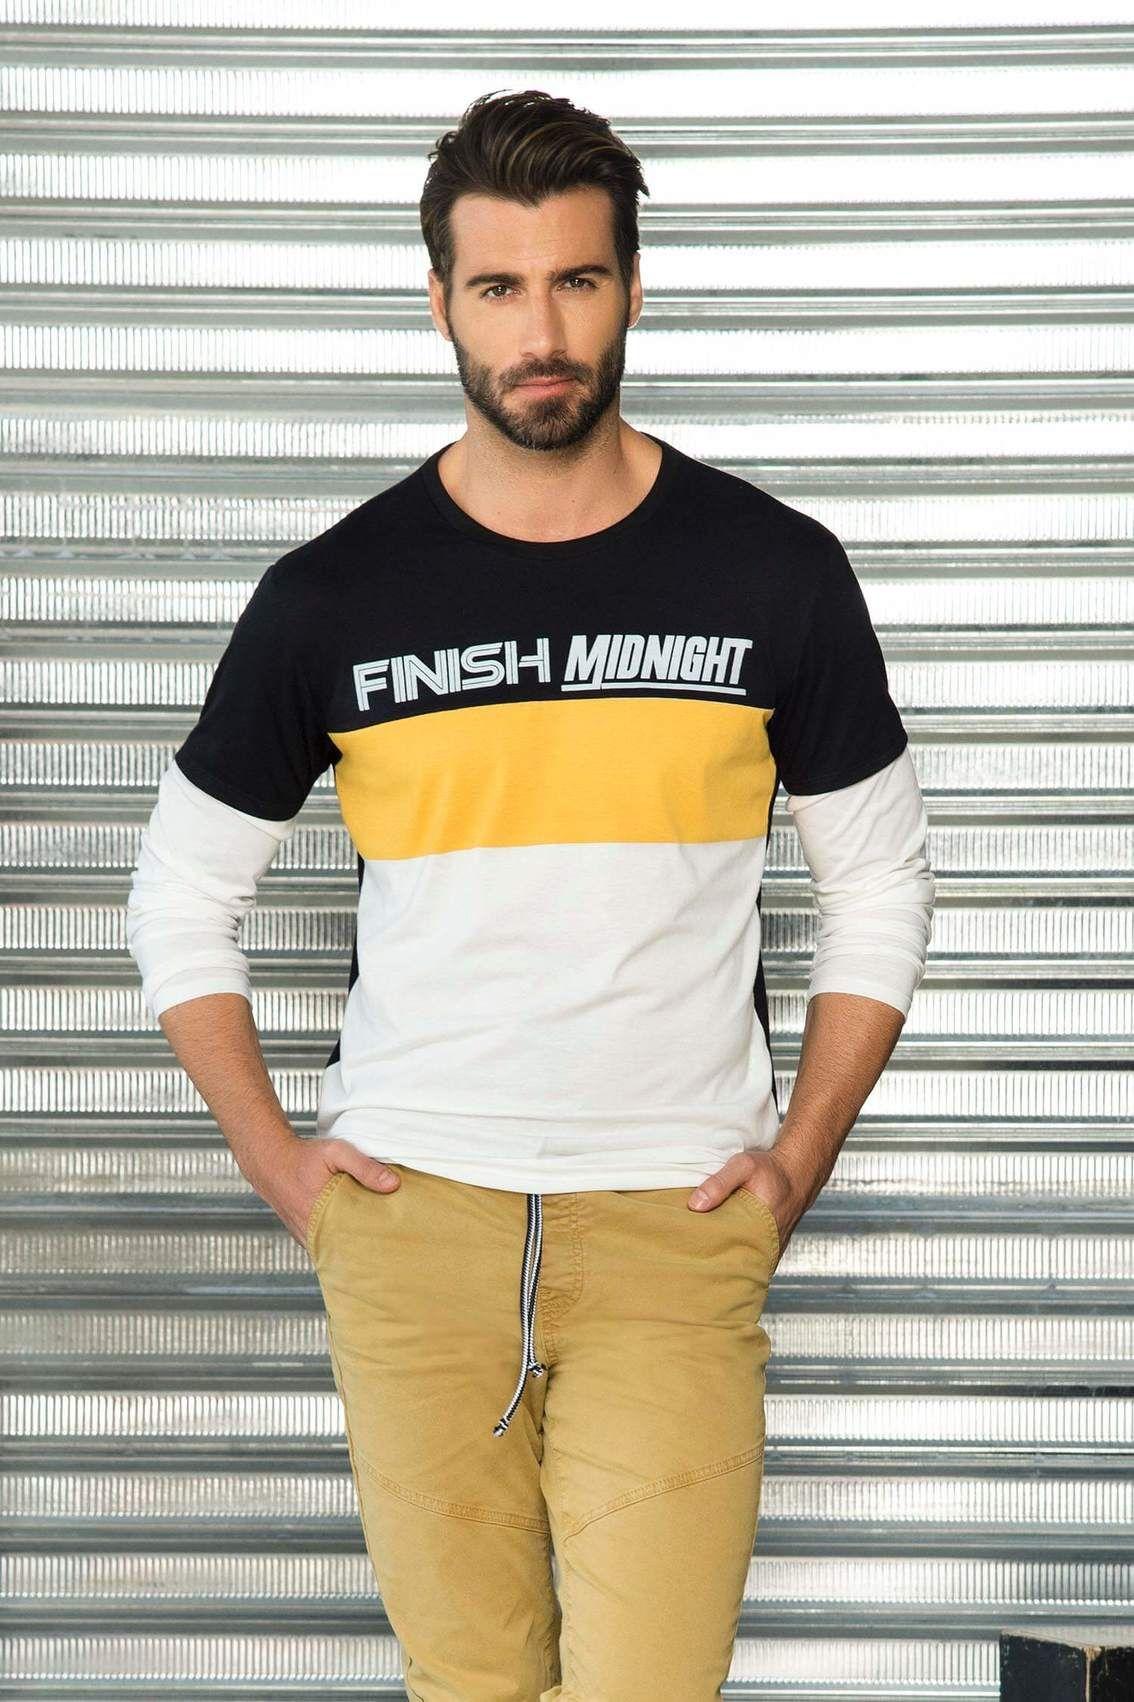 9bc3495981 Camiseta Manga Larga Cuello Redondo Único para Hombre. Descubre más tallas  y colores en pacifika.com - P536968